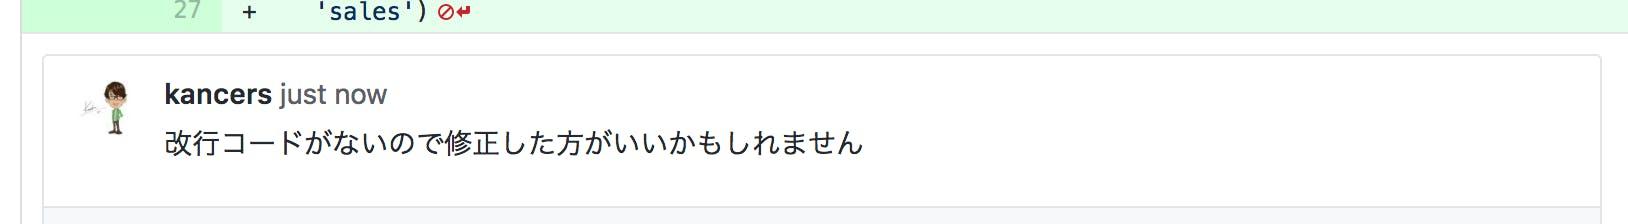 スクリーンショット 2018-04-06 0.17.34.png